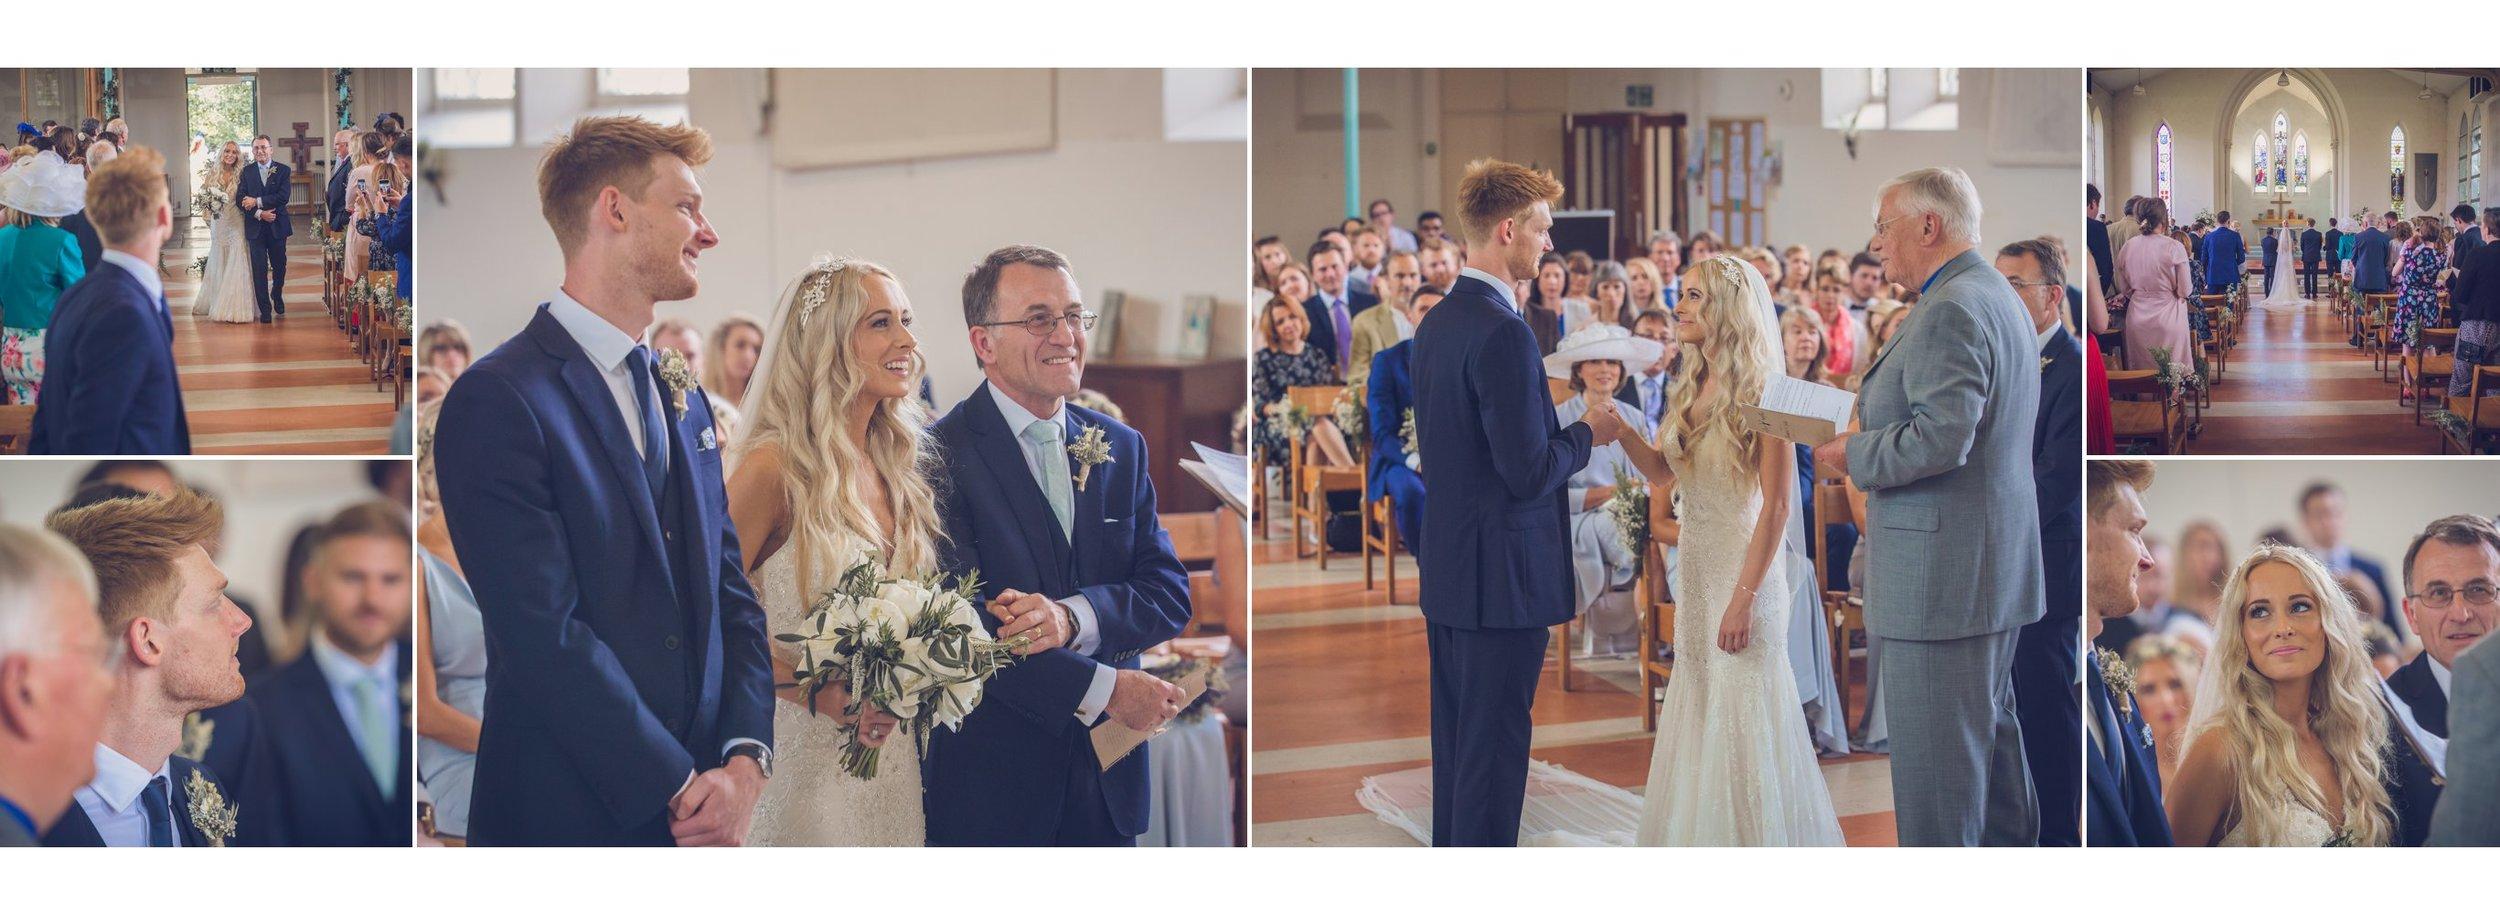 church wedding chichester.jpg